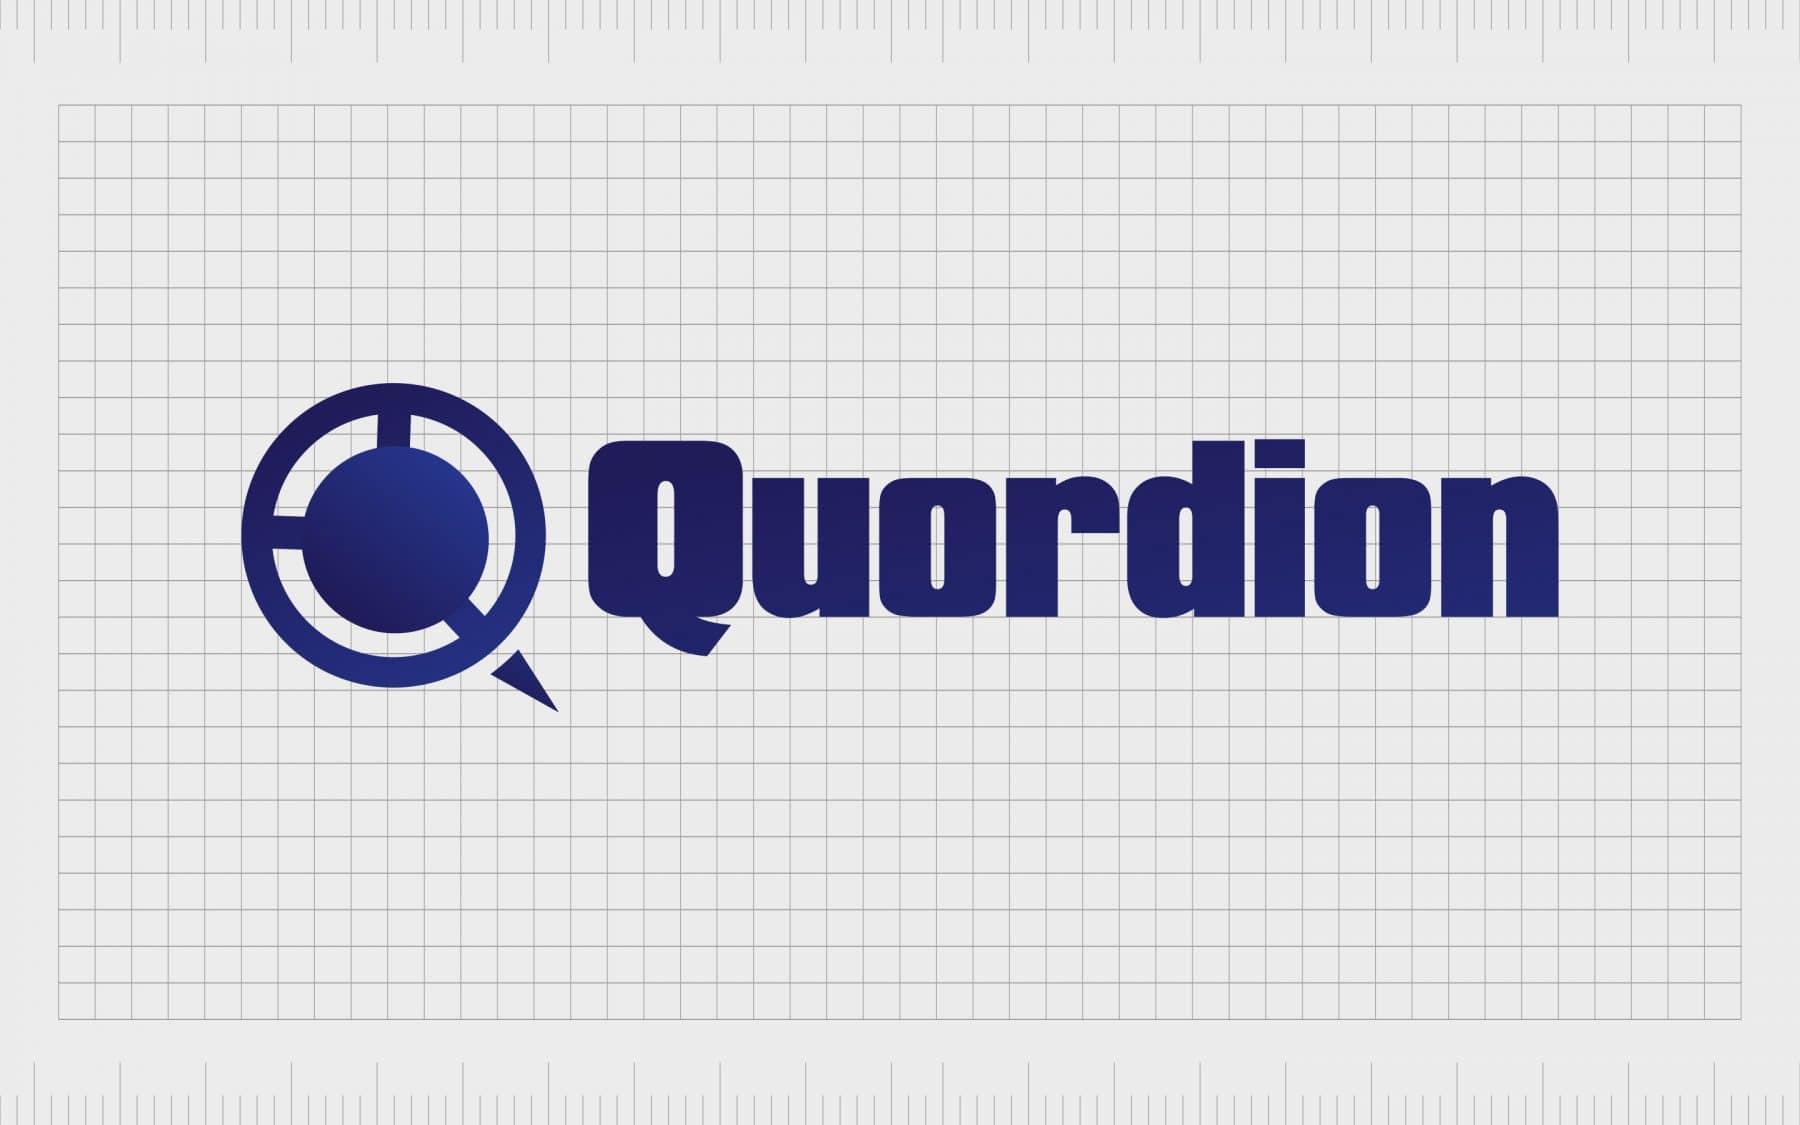 Quordion